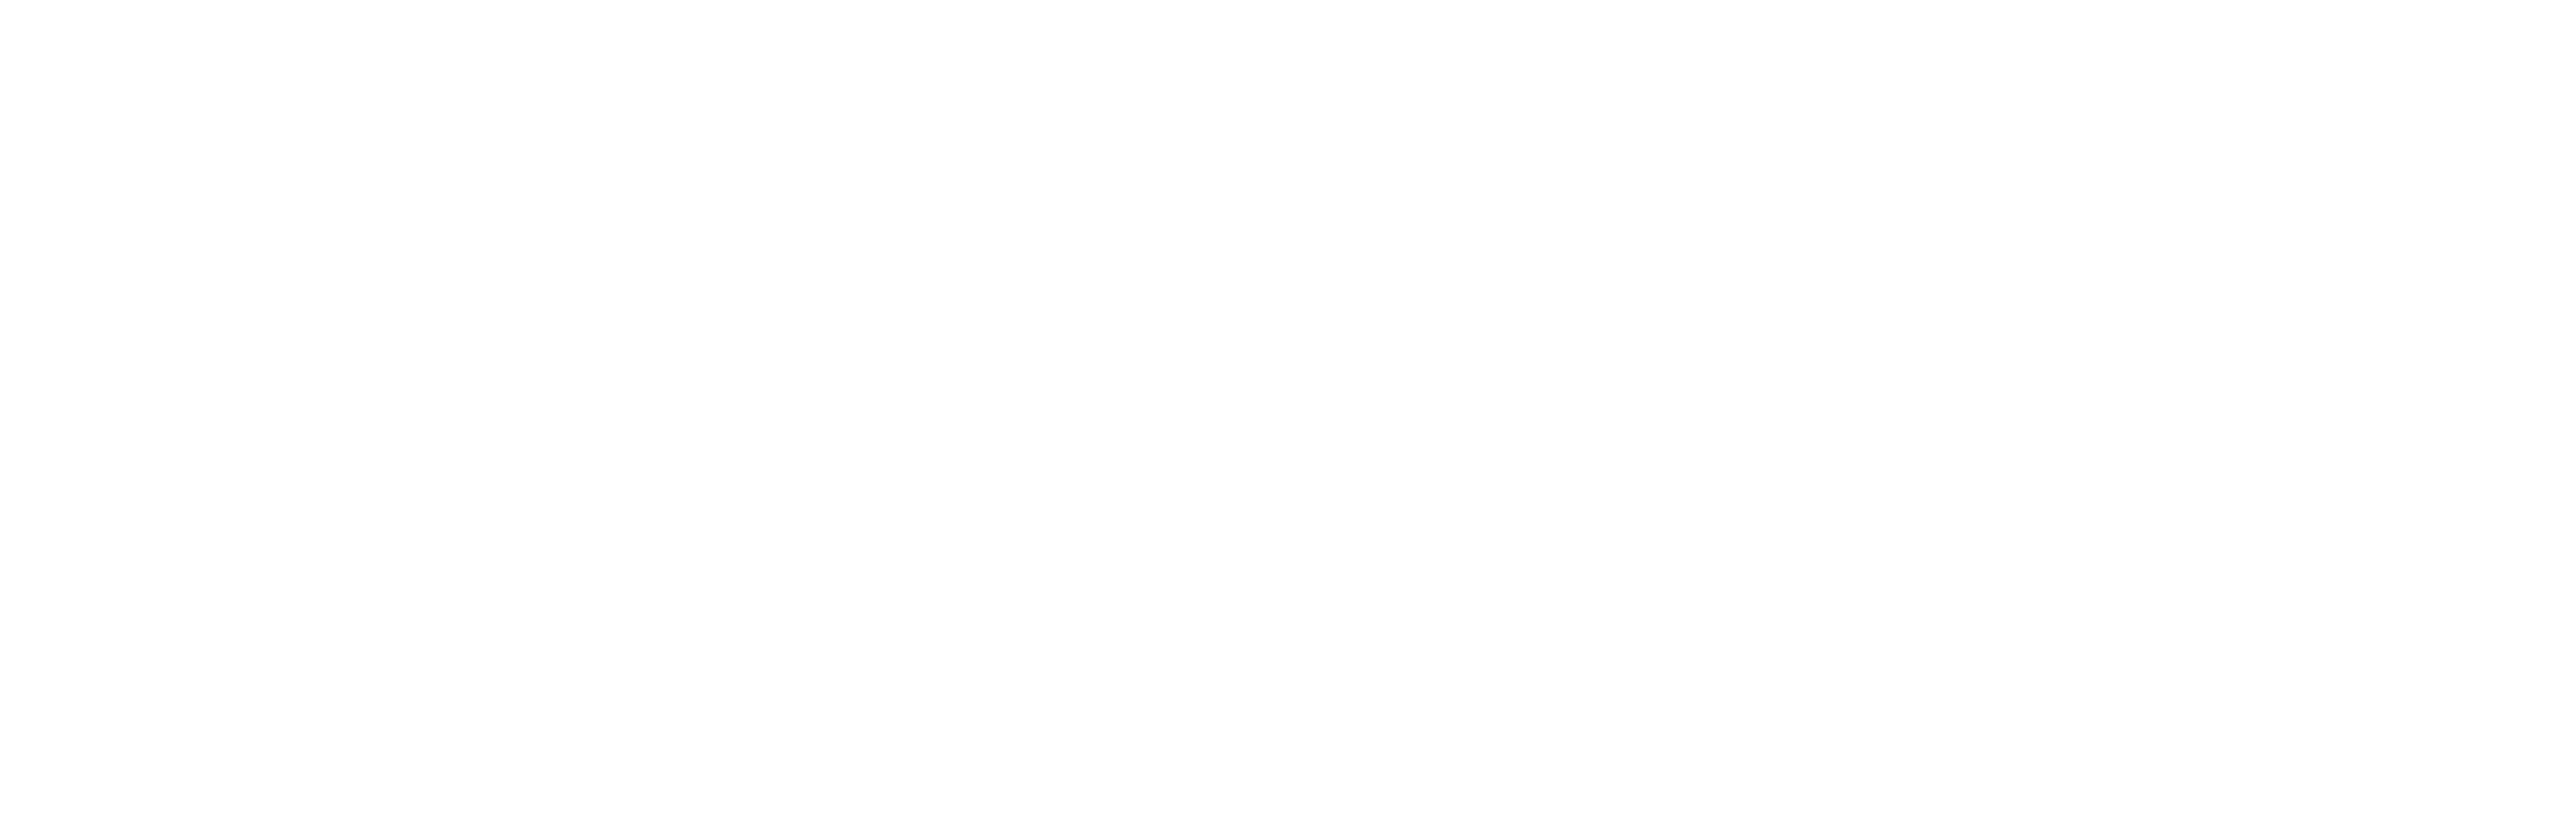 VK Logo transparent white